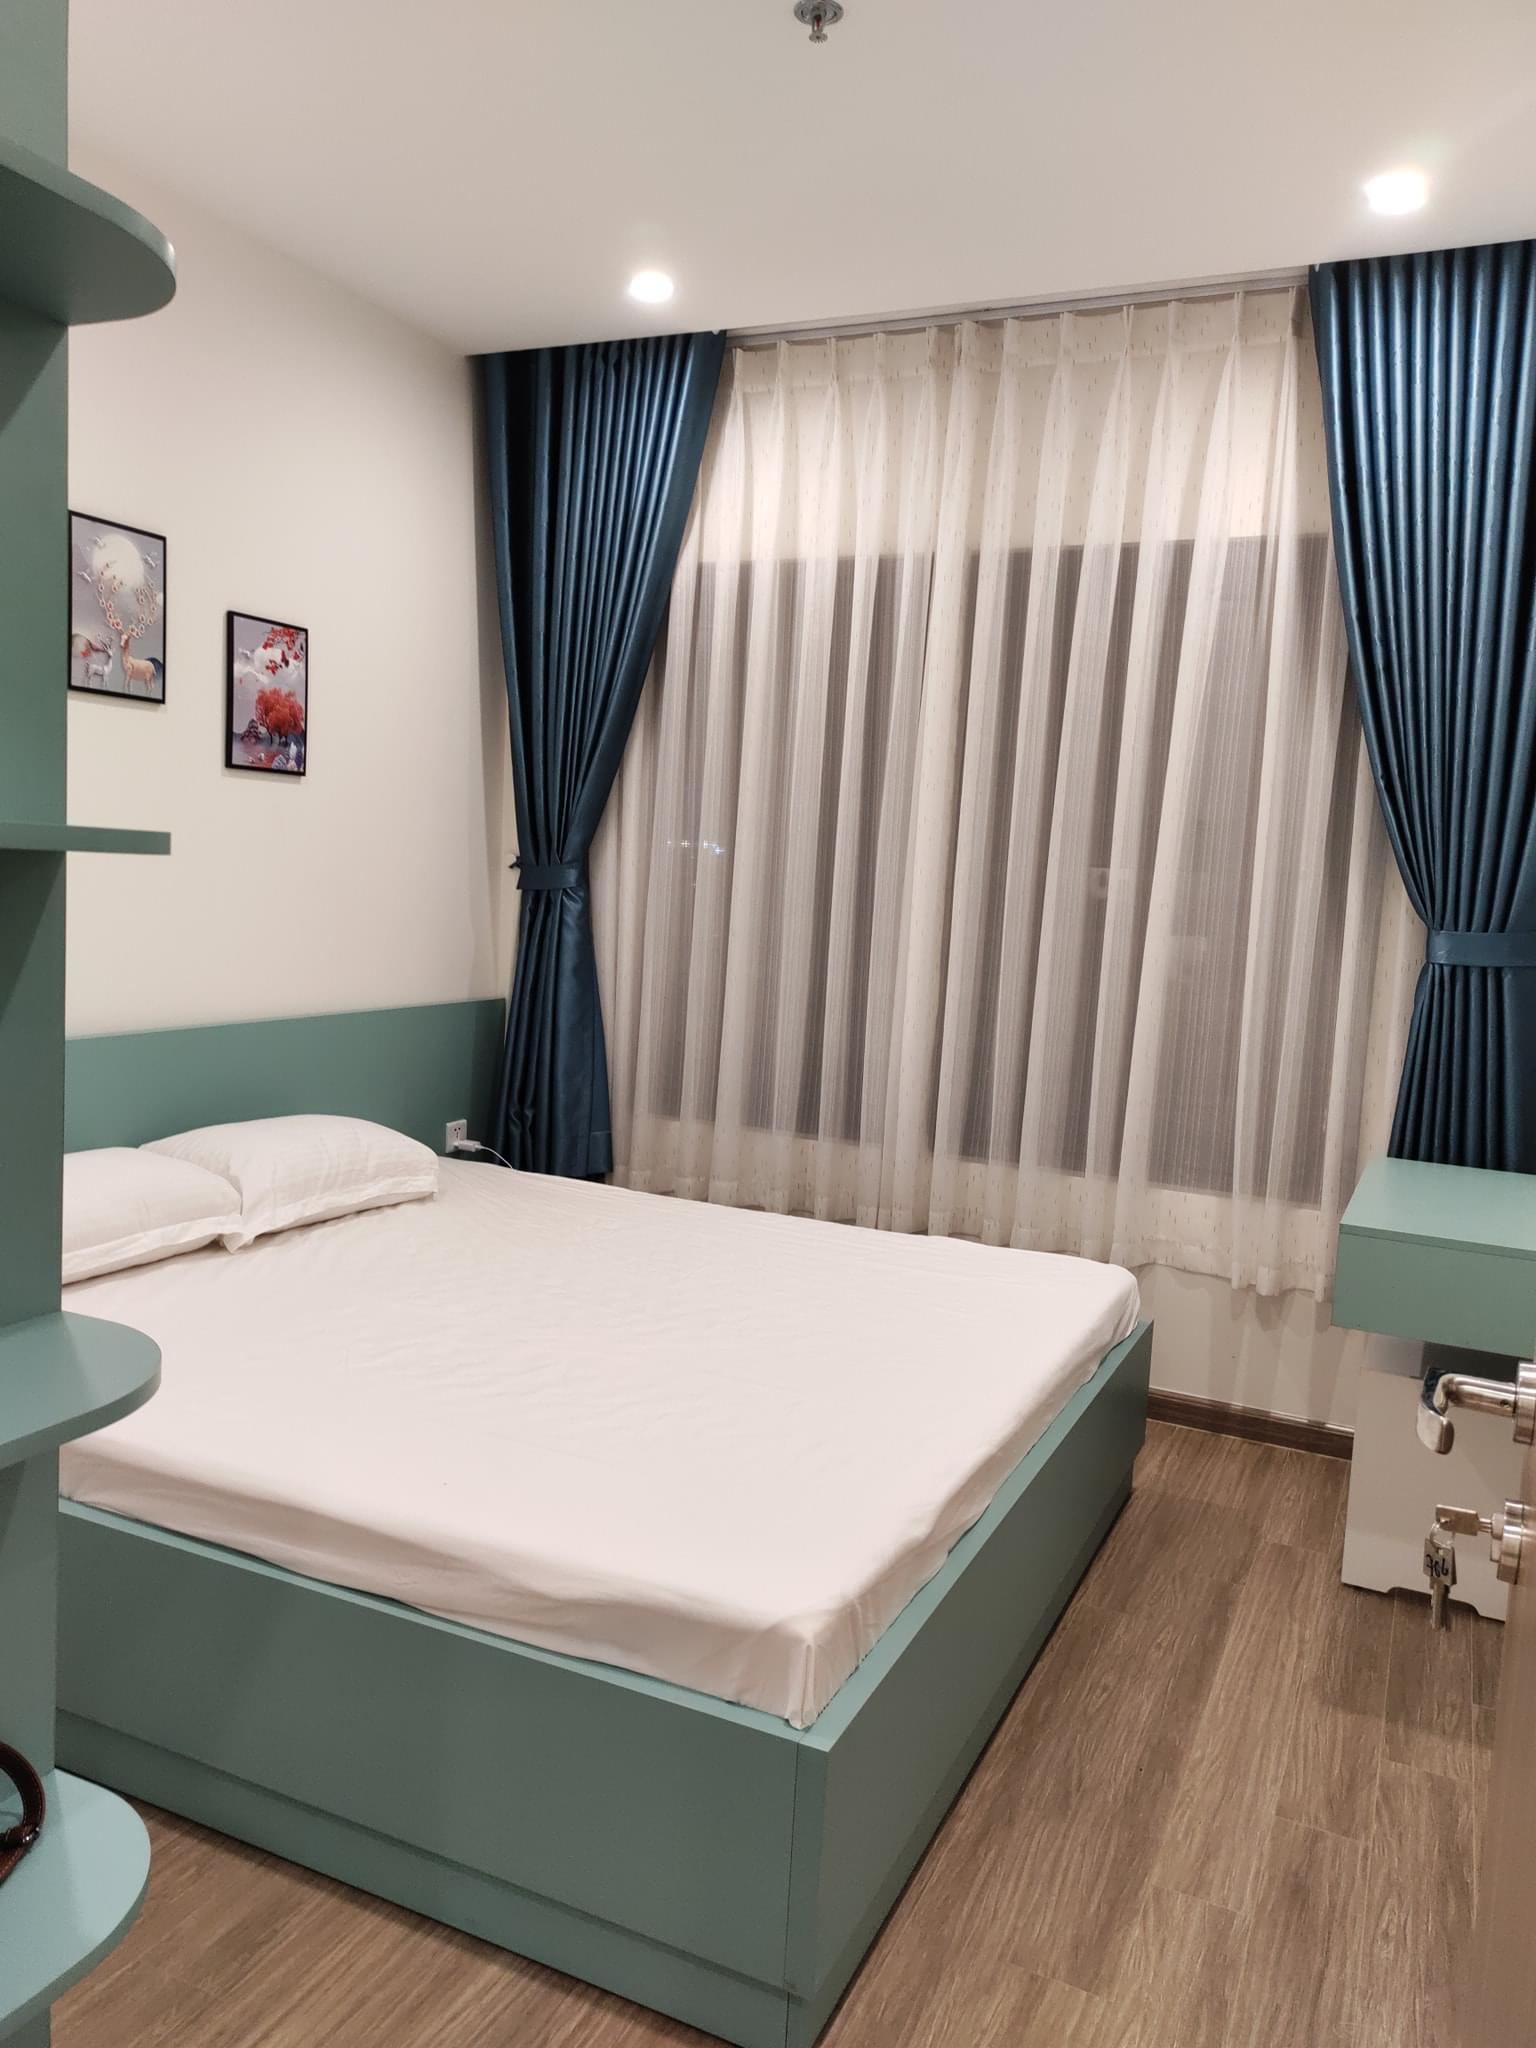 Căn hộ 1 phòng ngủ 48m2 Toà S3.01 Nội thất giá 6,5tr/tháng 5